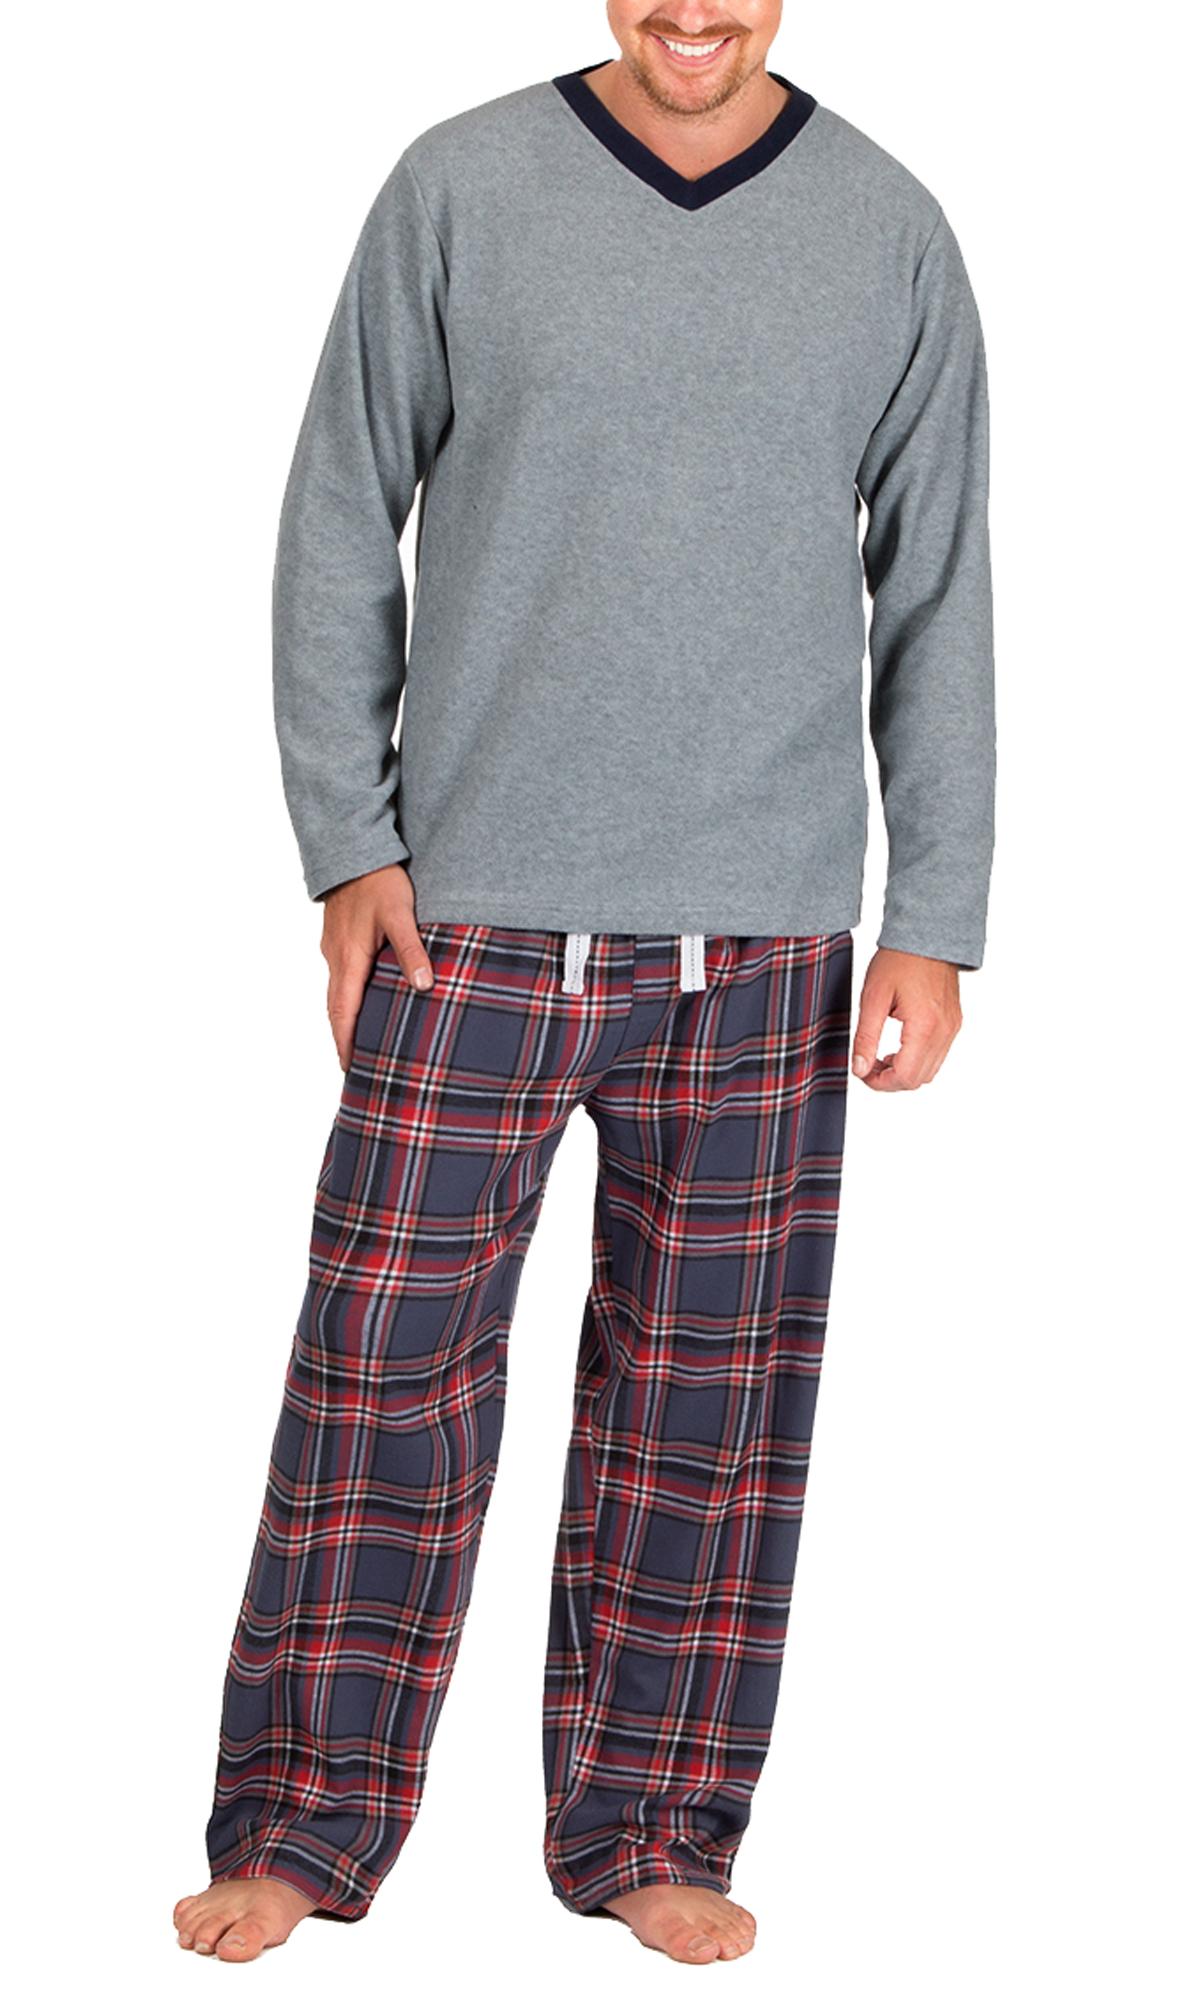 Mens Warm Fleece Jersey Winter PJ Pyjama Set Night Wear PJ s Pyjamas Sets  Gents 99f5344ff